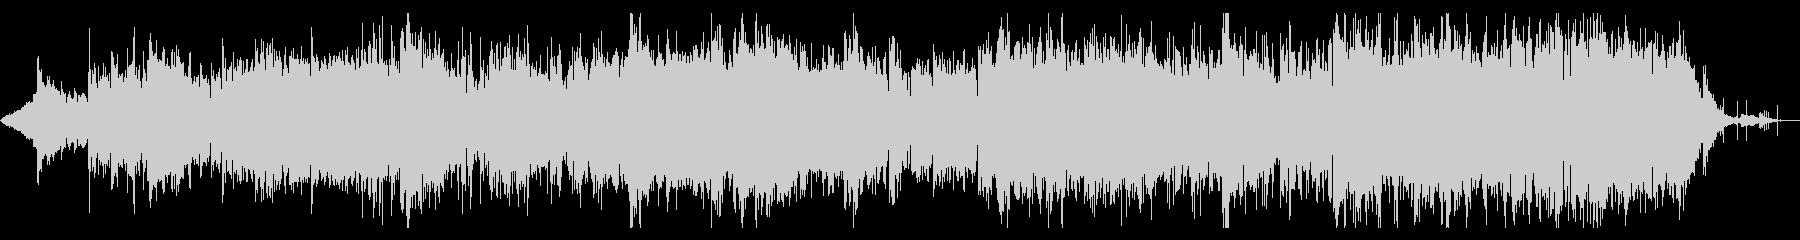 ディストピアンなシネマティックIDMの未再生の波形